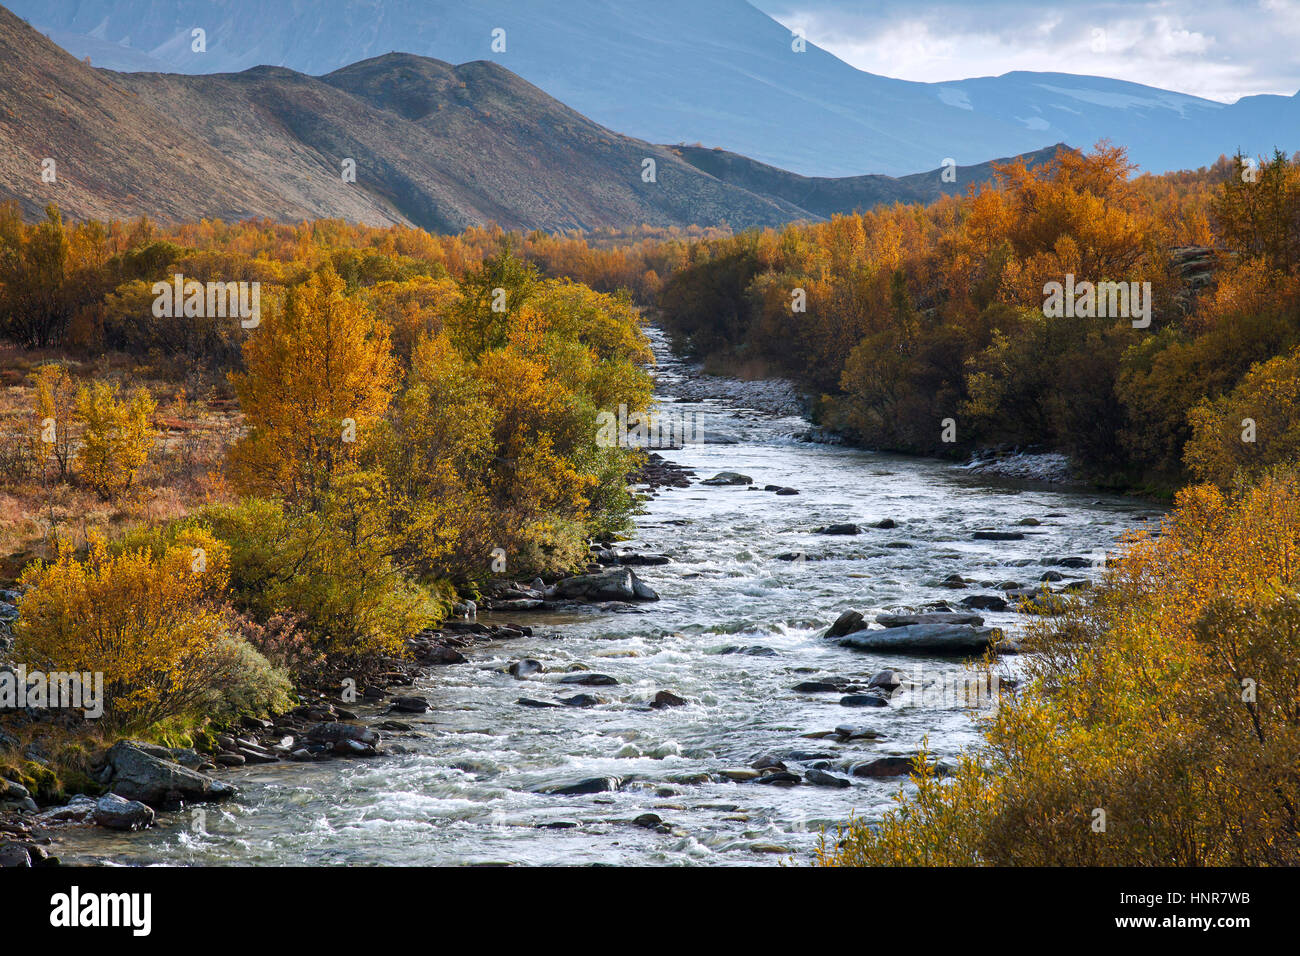 Río Atna en Dørålseter / Doralseter en el Parque Nacional Rondane en otoño, Dovre, Noruega, Imagen De Stock